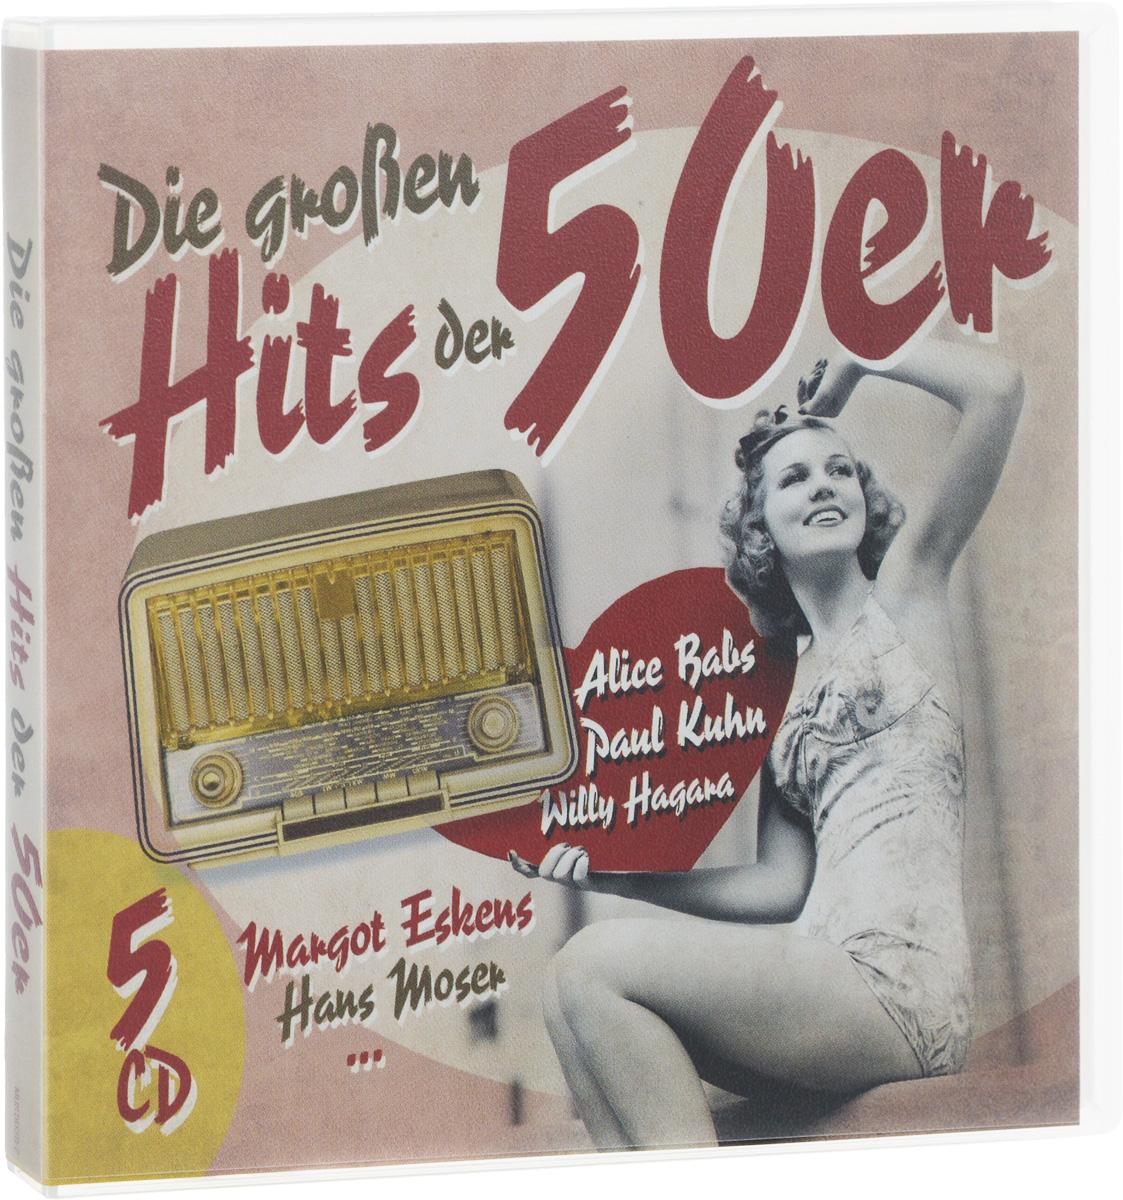 Die Grossen Hits Der 50er (5 CD) цена